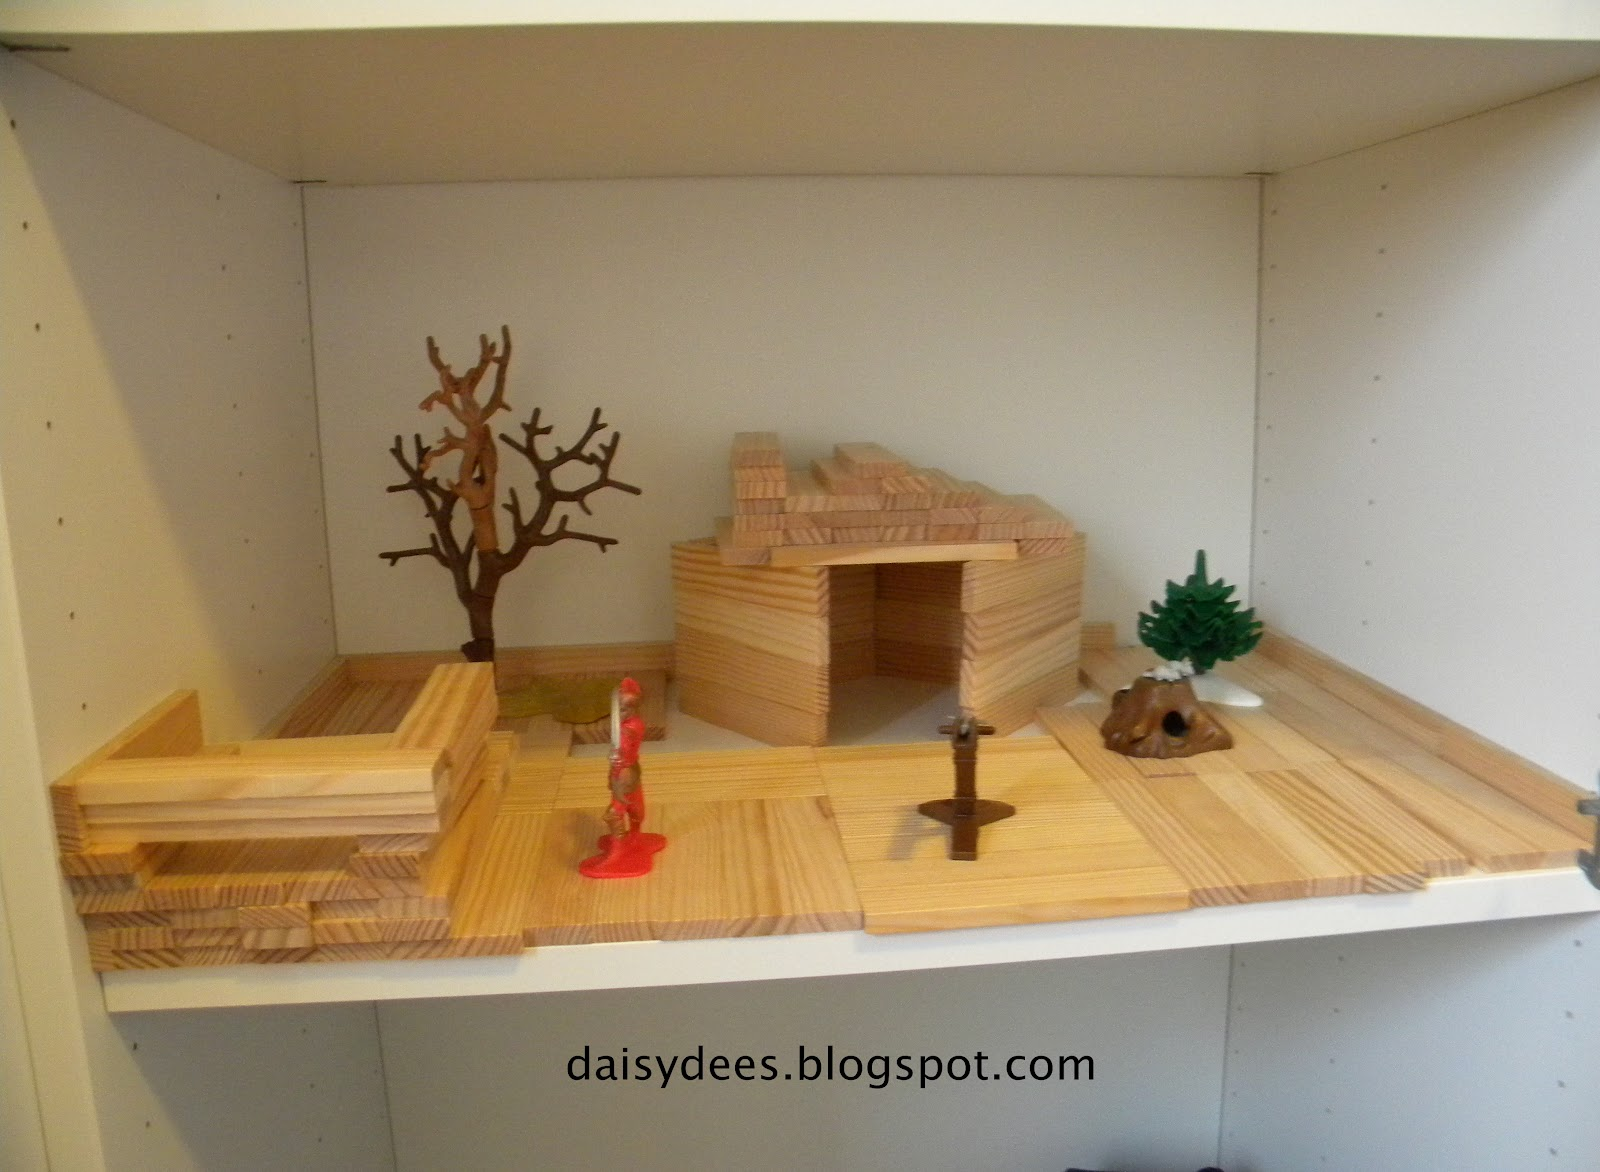 Maison De Kapla beau comment construire une maison en kapla #1: plan de maison en